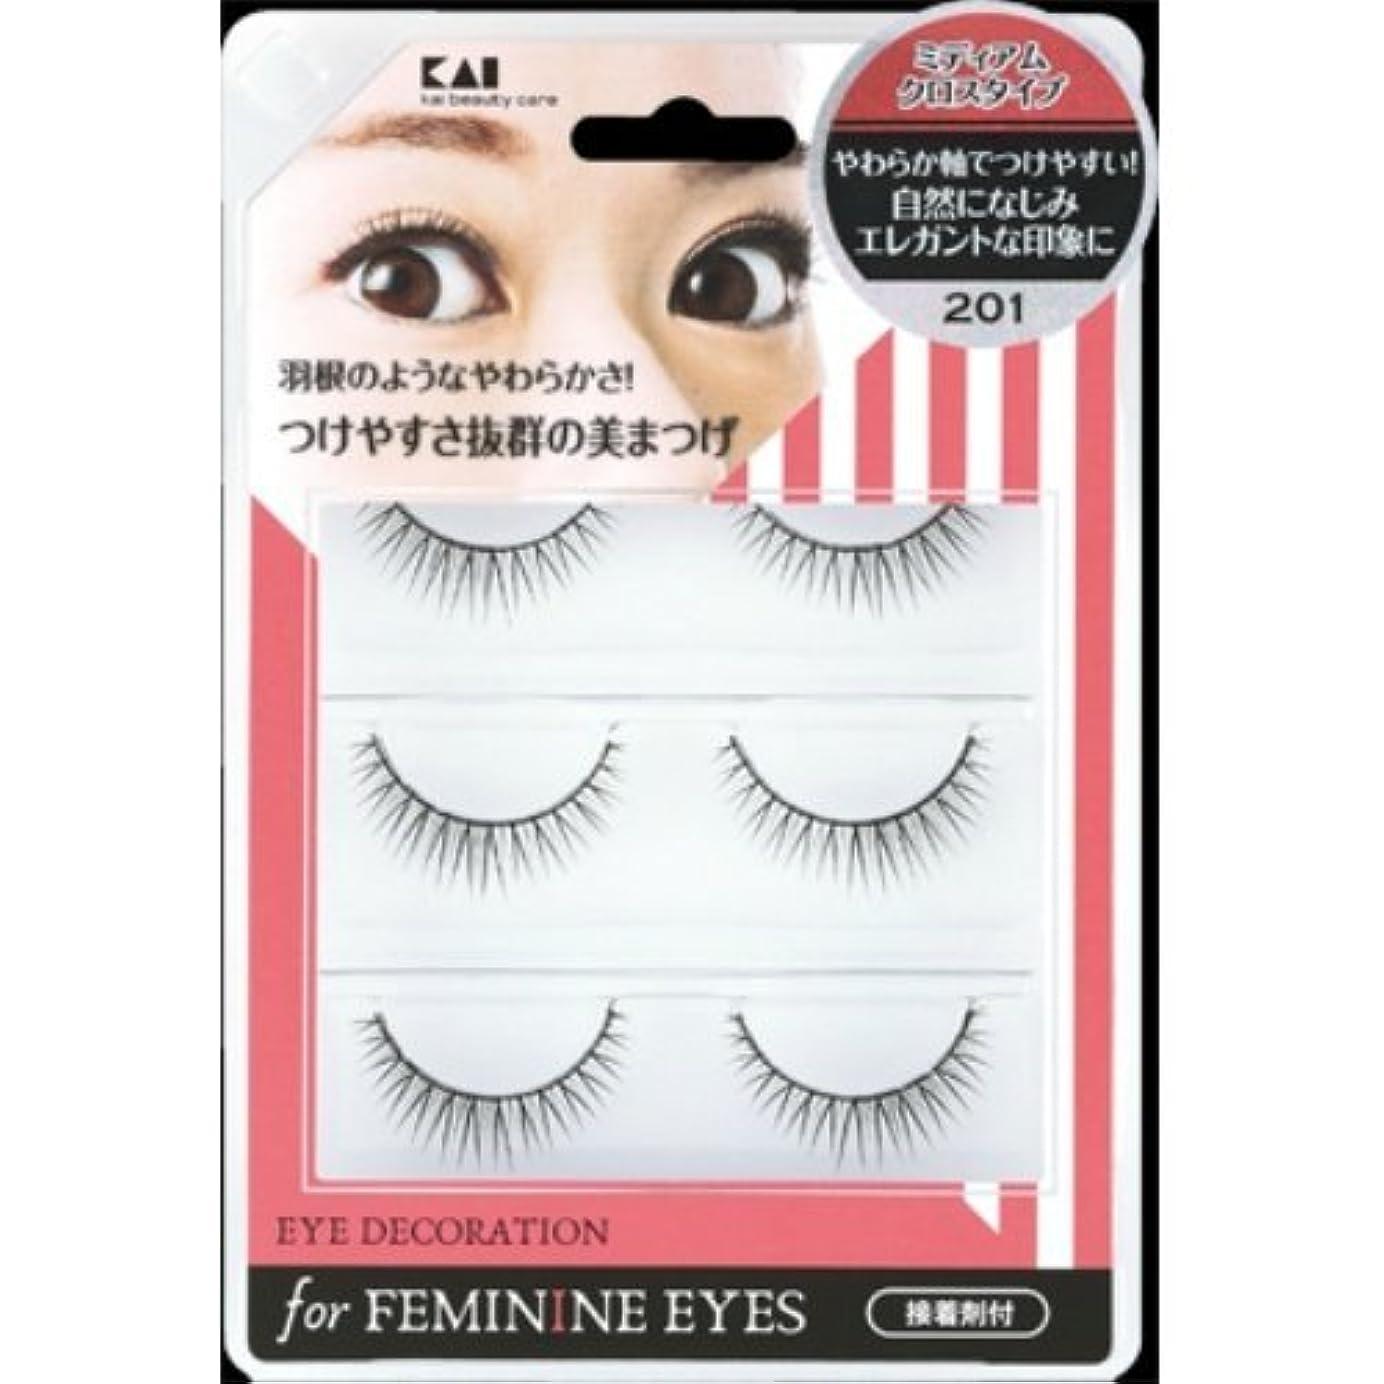 肉の衝突涙貝印 アイデコレーション for feminine eyes 201 HC1558